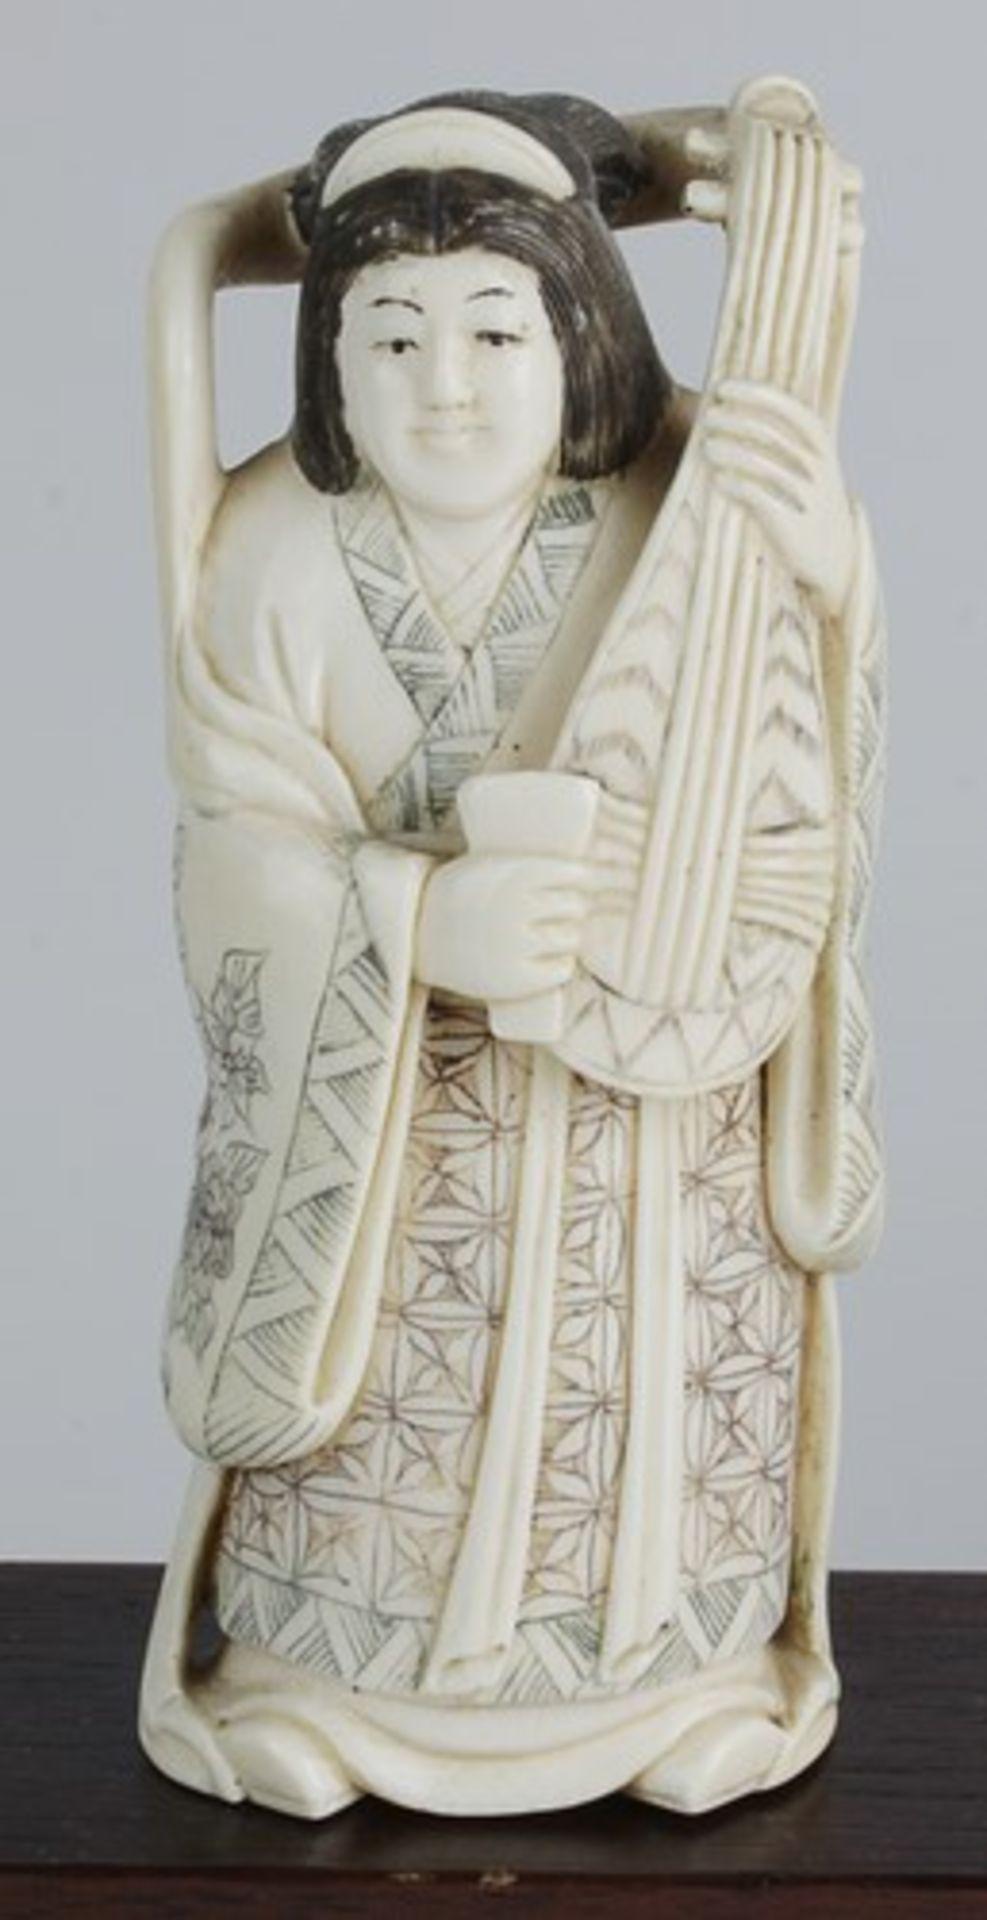 Figurengruppe - Chinaum 1920, 7x vollplastische Elfenbein-Schnitzereien, partiell geschwärzt, - Bild 9 aus 24